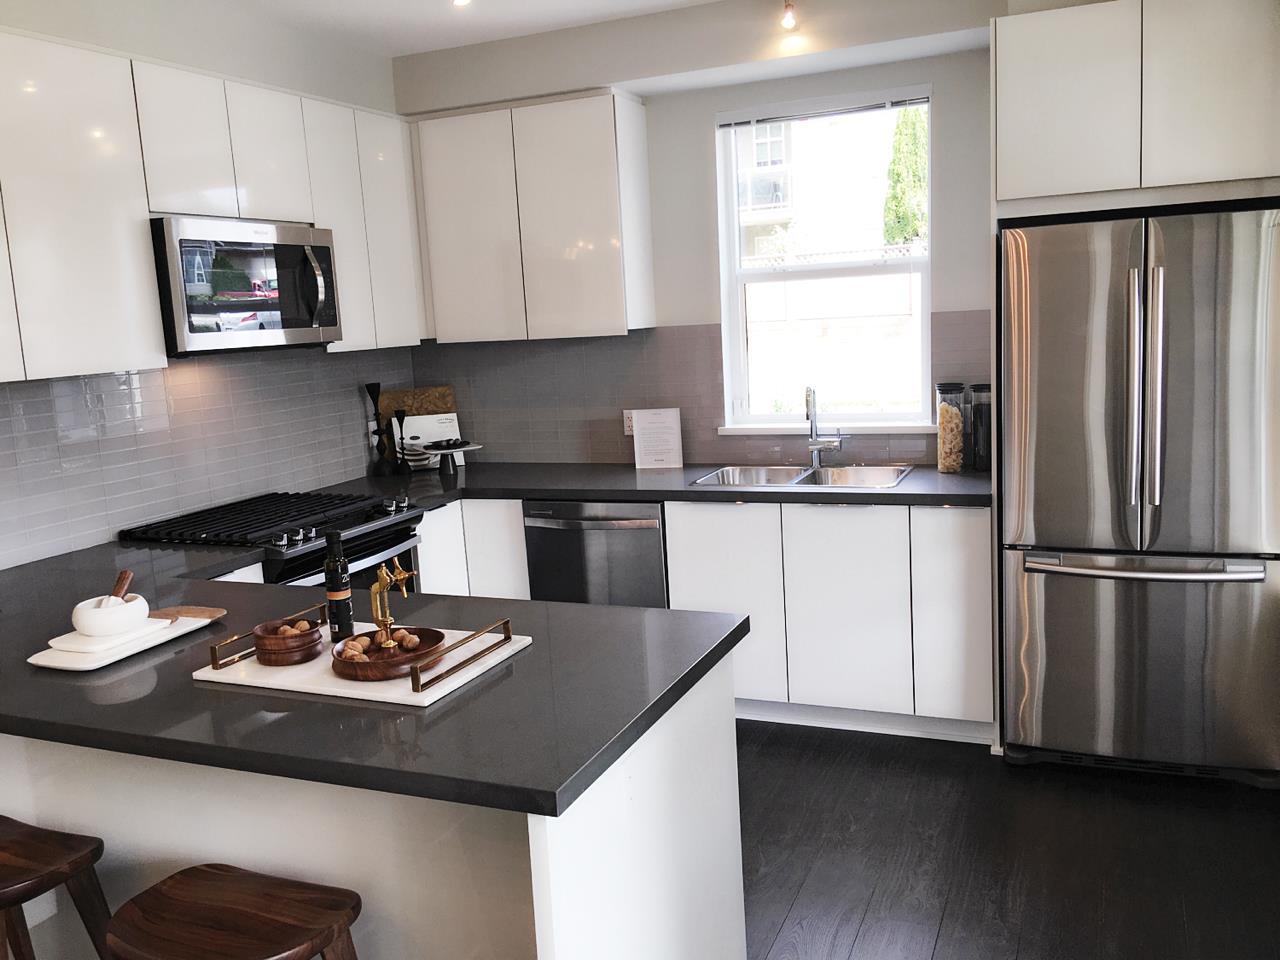 Condo Apartment at 110 609 COTTONWOOD AVENUE, Unit 110, Coquitlam, British Columbia. Image 1